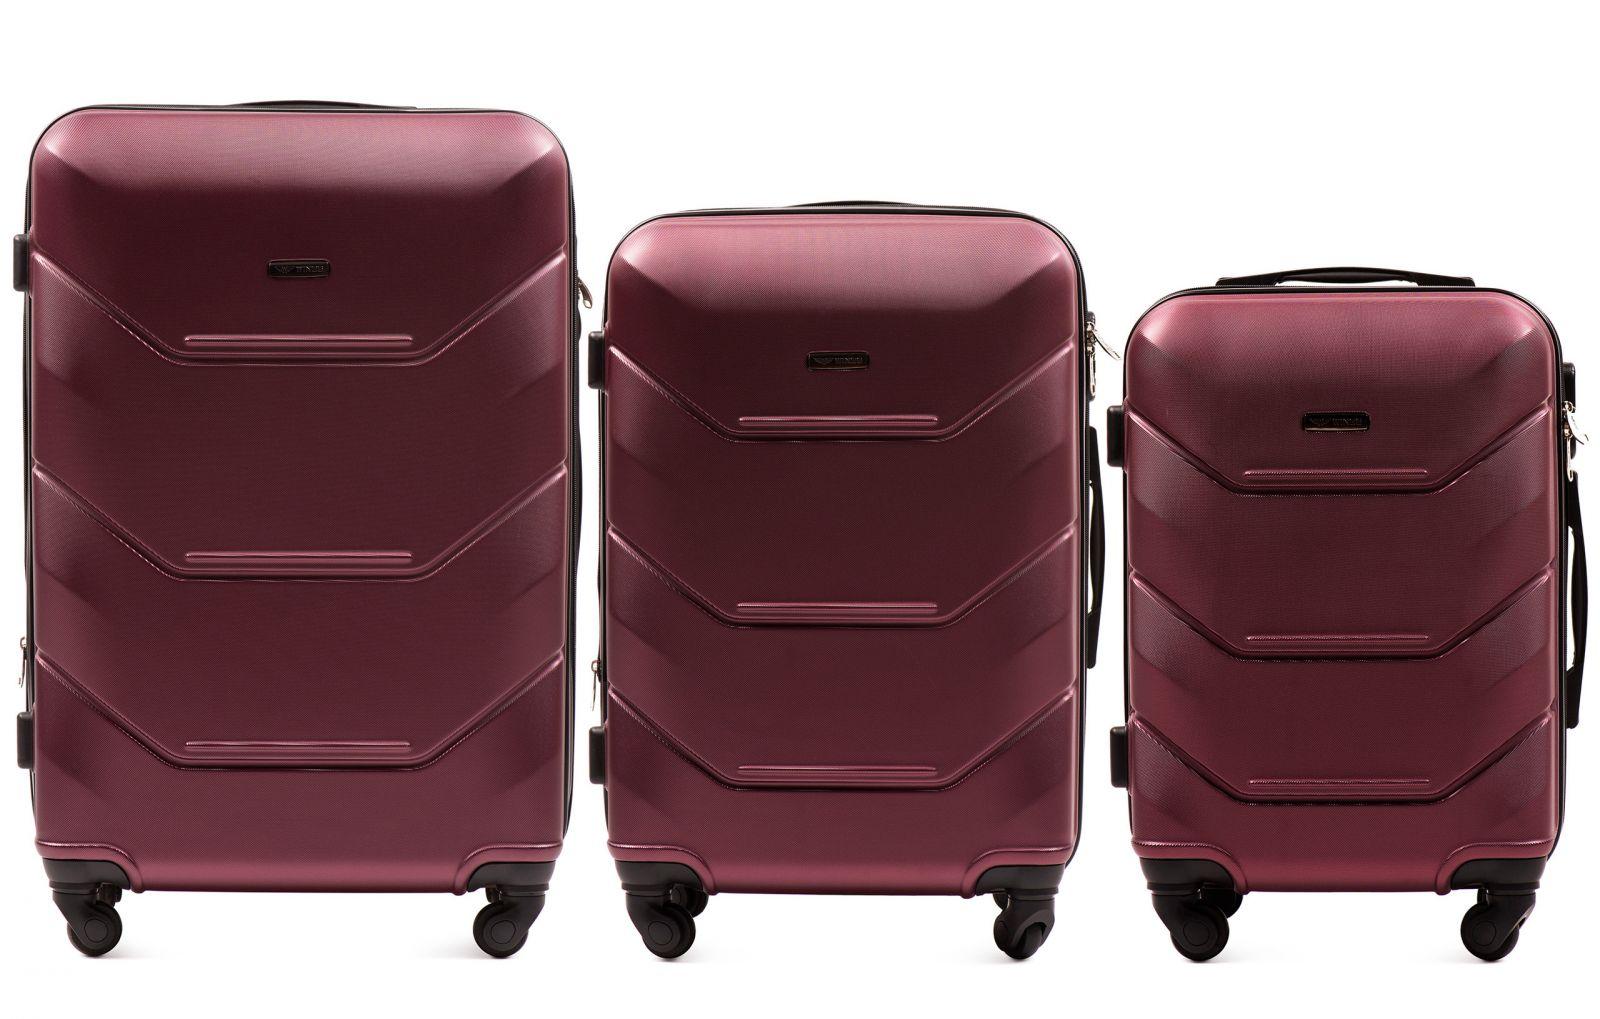 Cestovní kufry sada WINGS 147 ABS BURGUNDY L,M,S